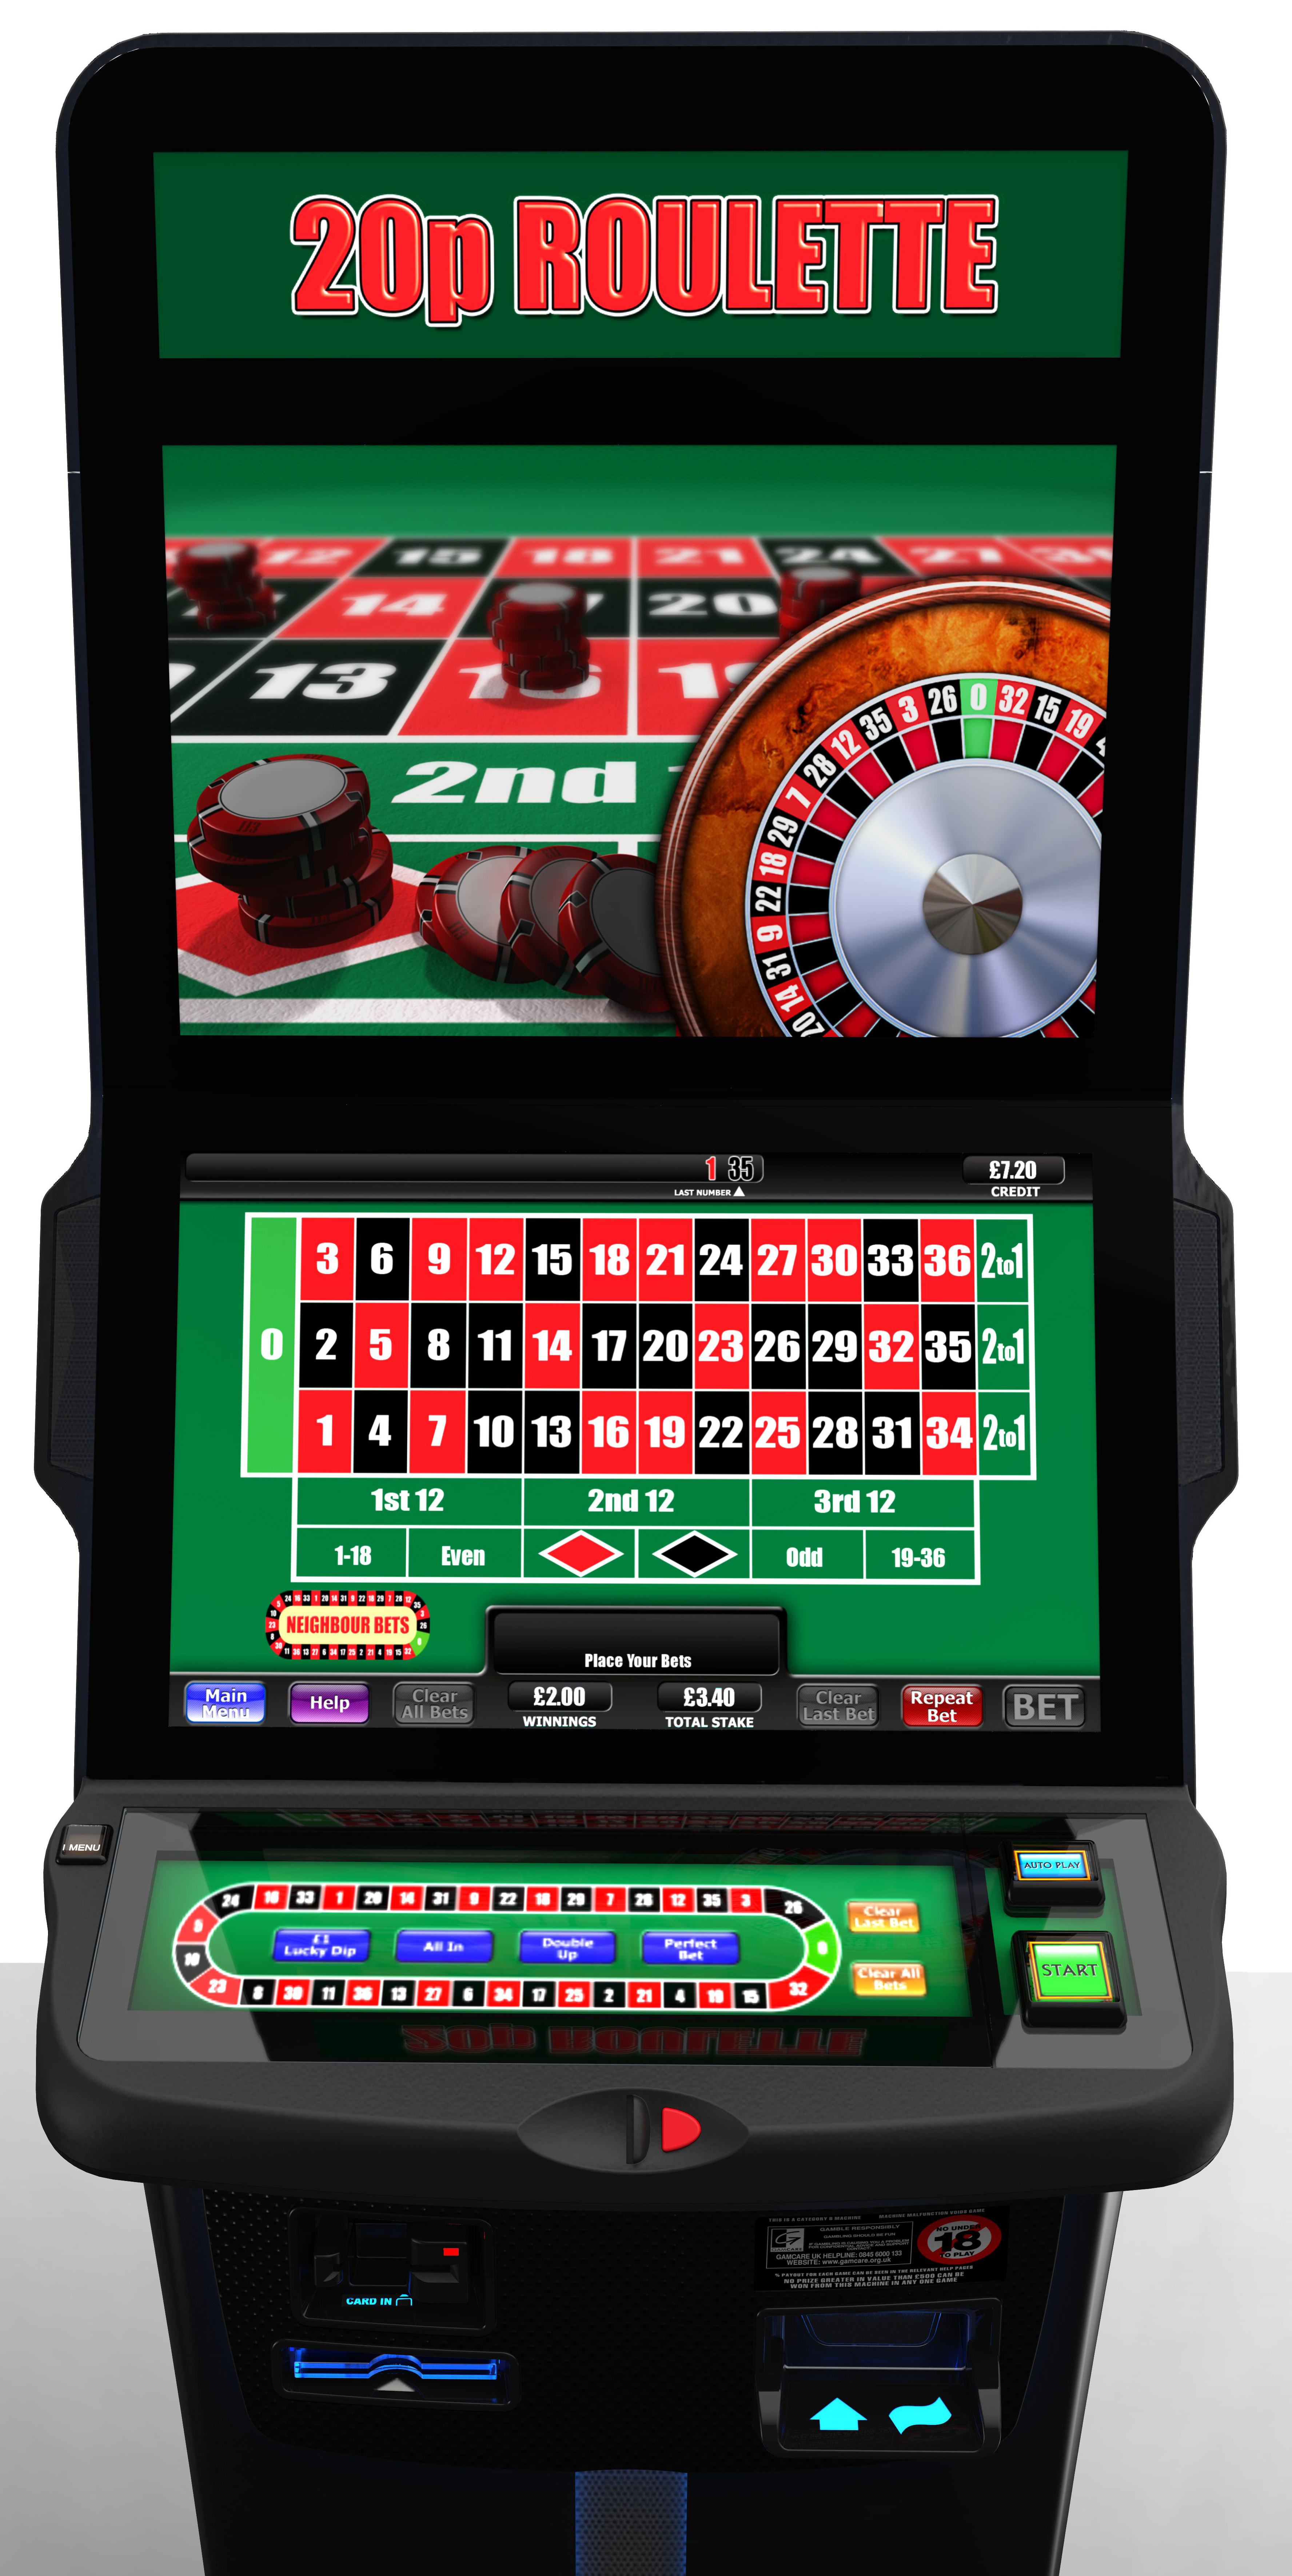 Slot machine winning lines